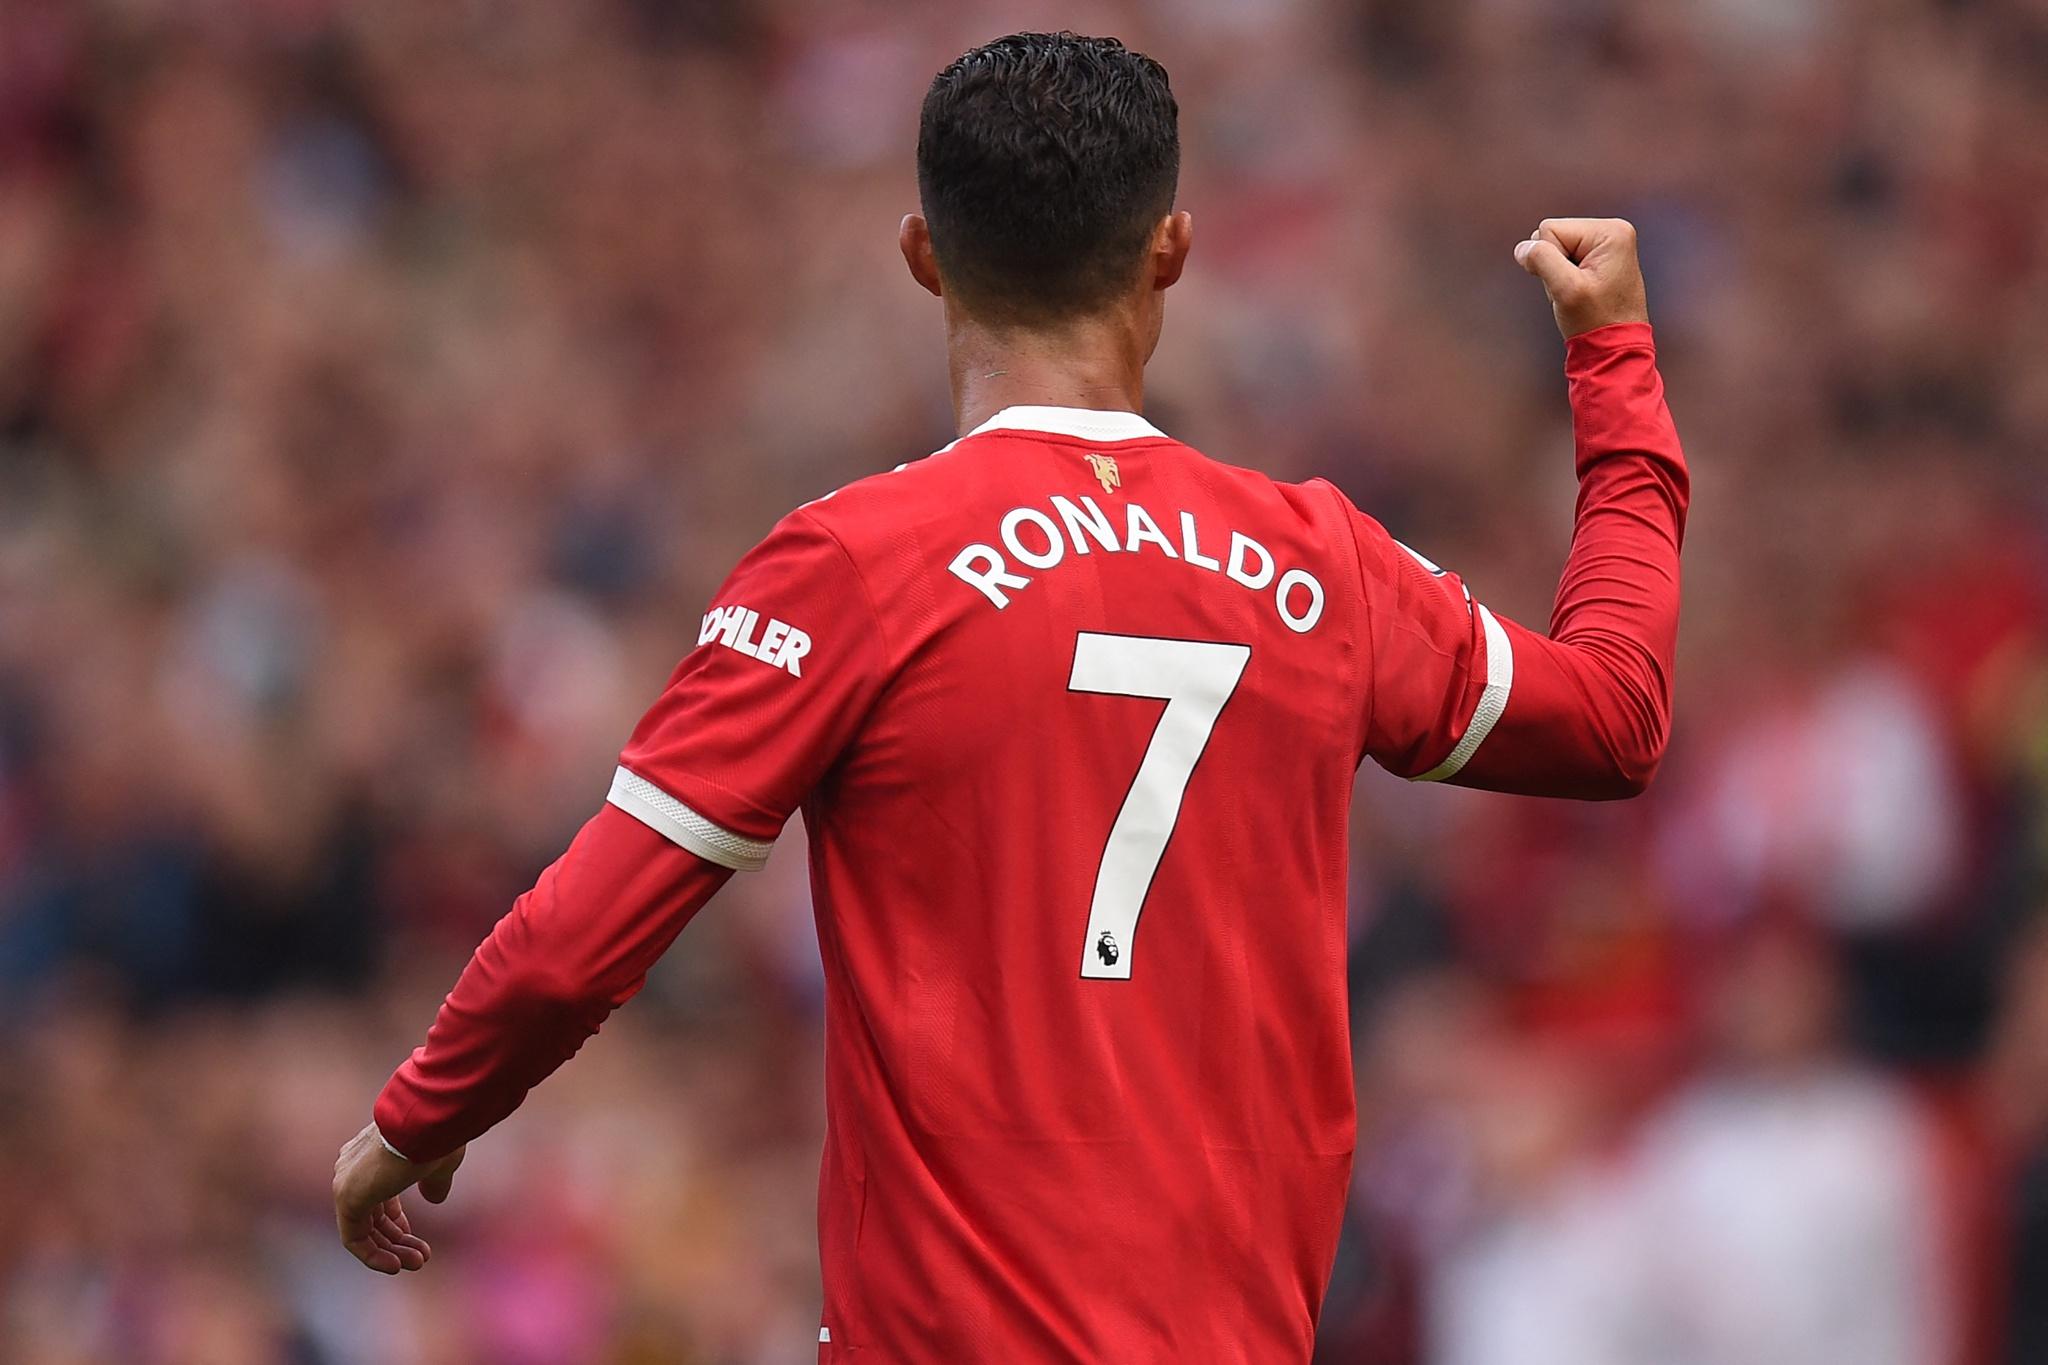 Bà Maria Dolores-Mẹ Ronaldo bật khóc trên khán đài khi con trai ghi bàn